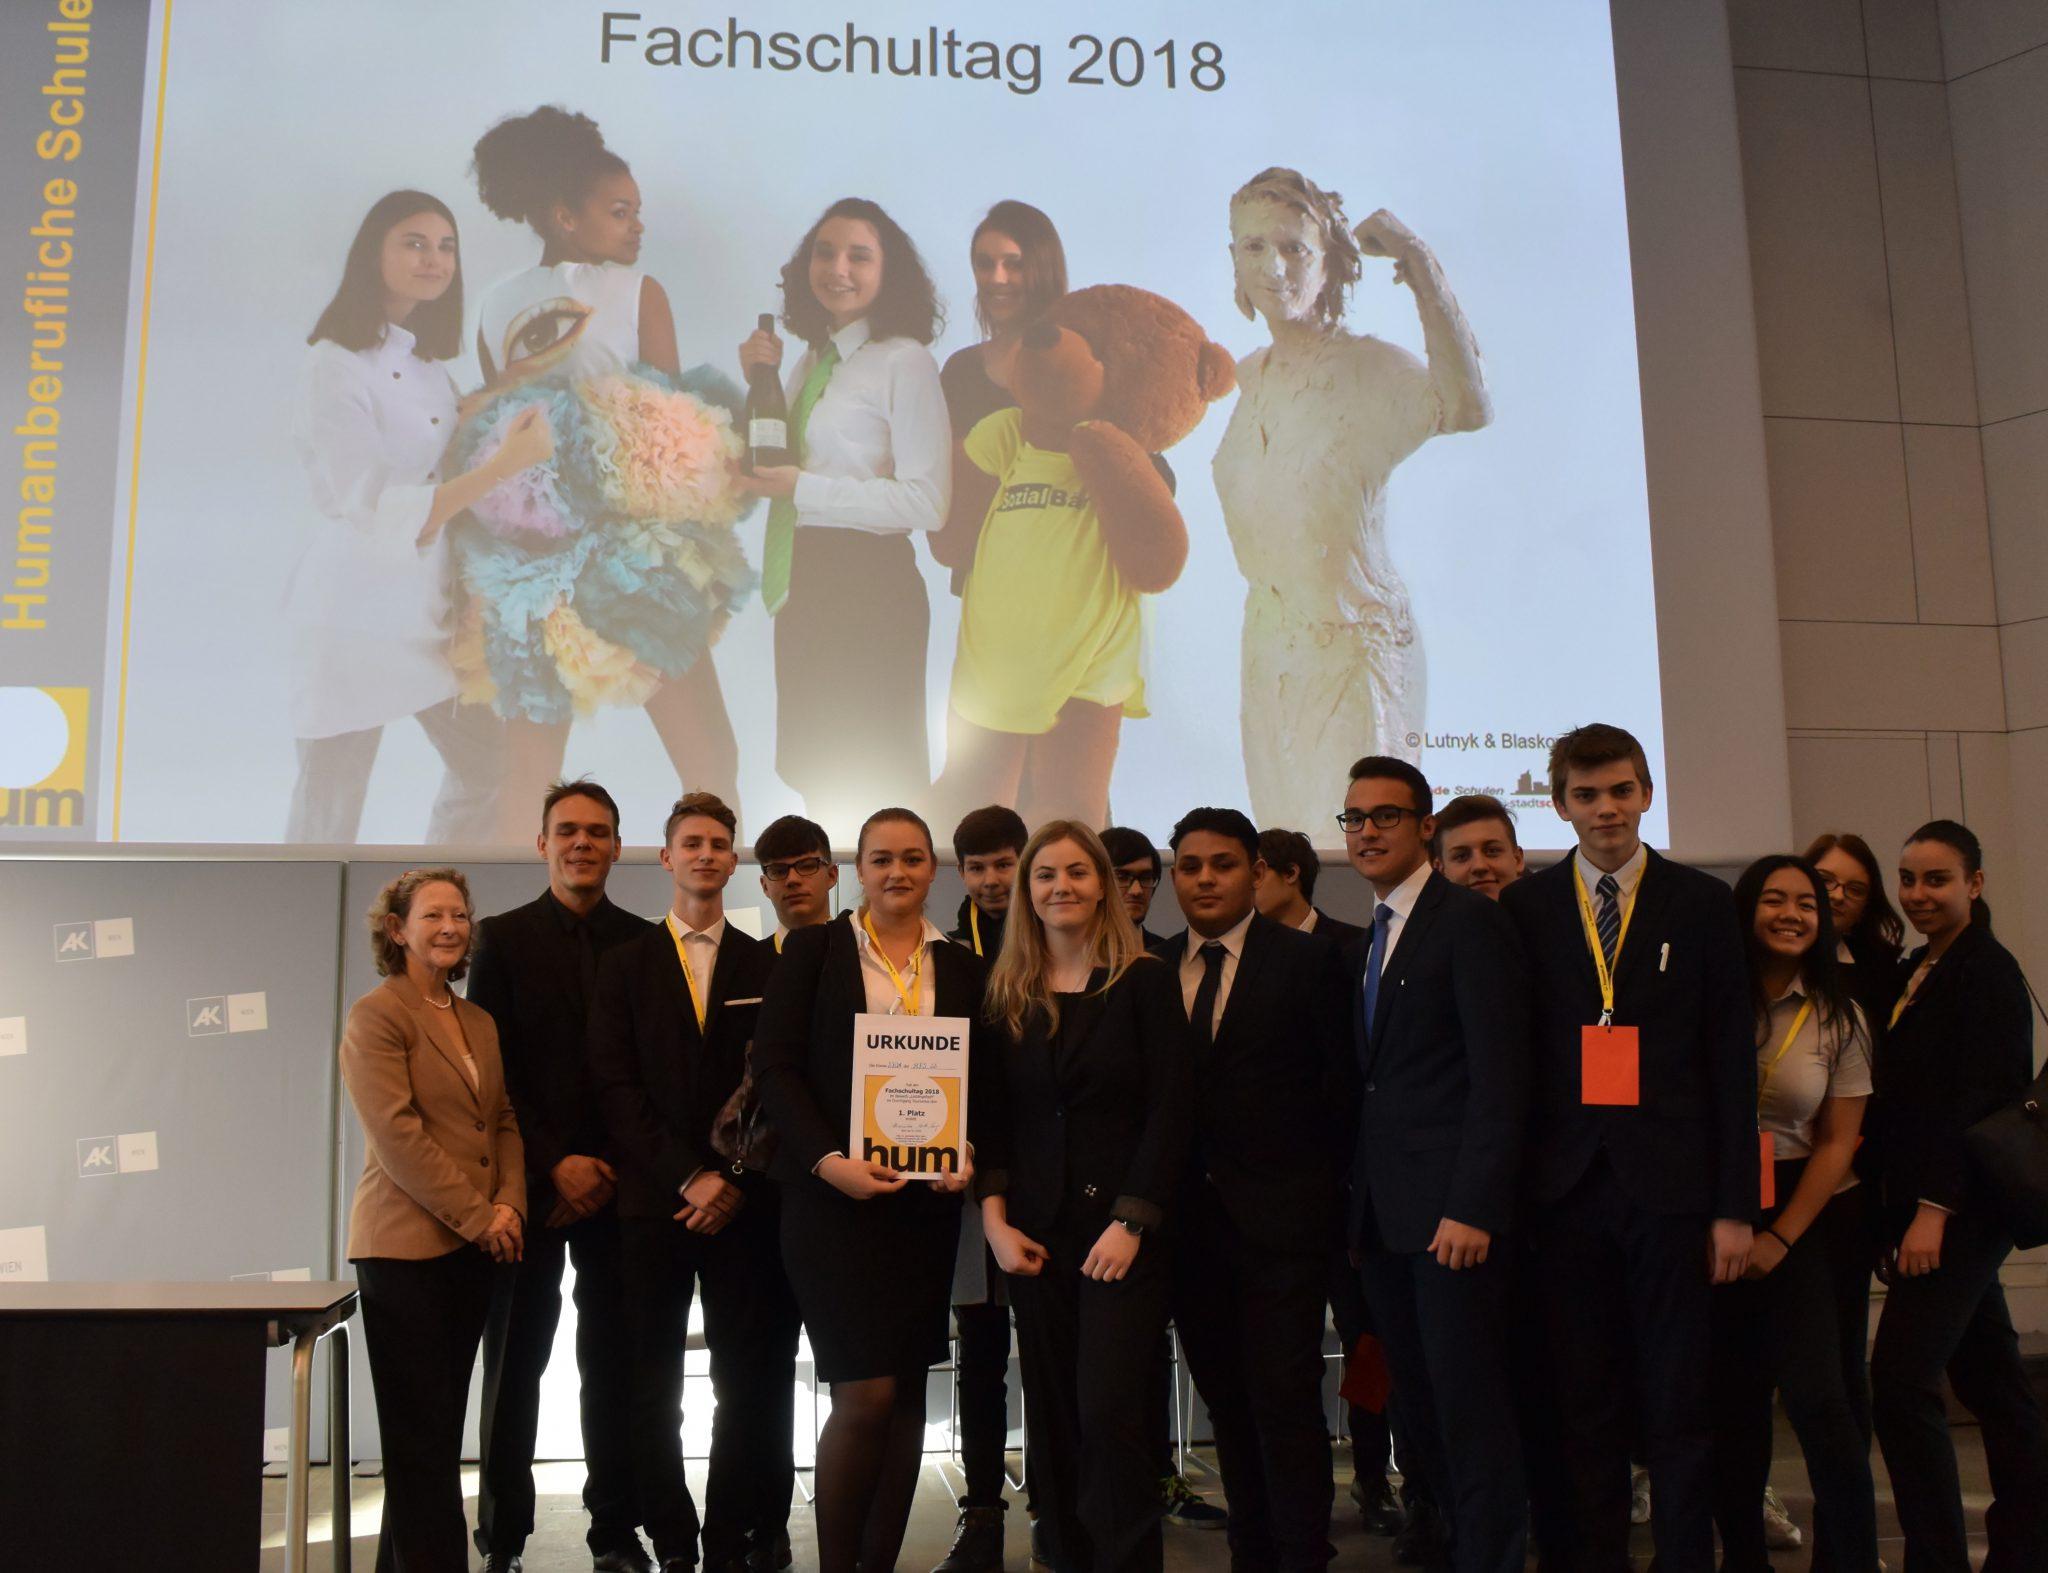 """2. Jahrgang der Hotelfachschule gewinnt 1. Platz bei Fachschul-Wettbewerb """"Mein Lieblingsfach"""